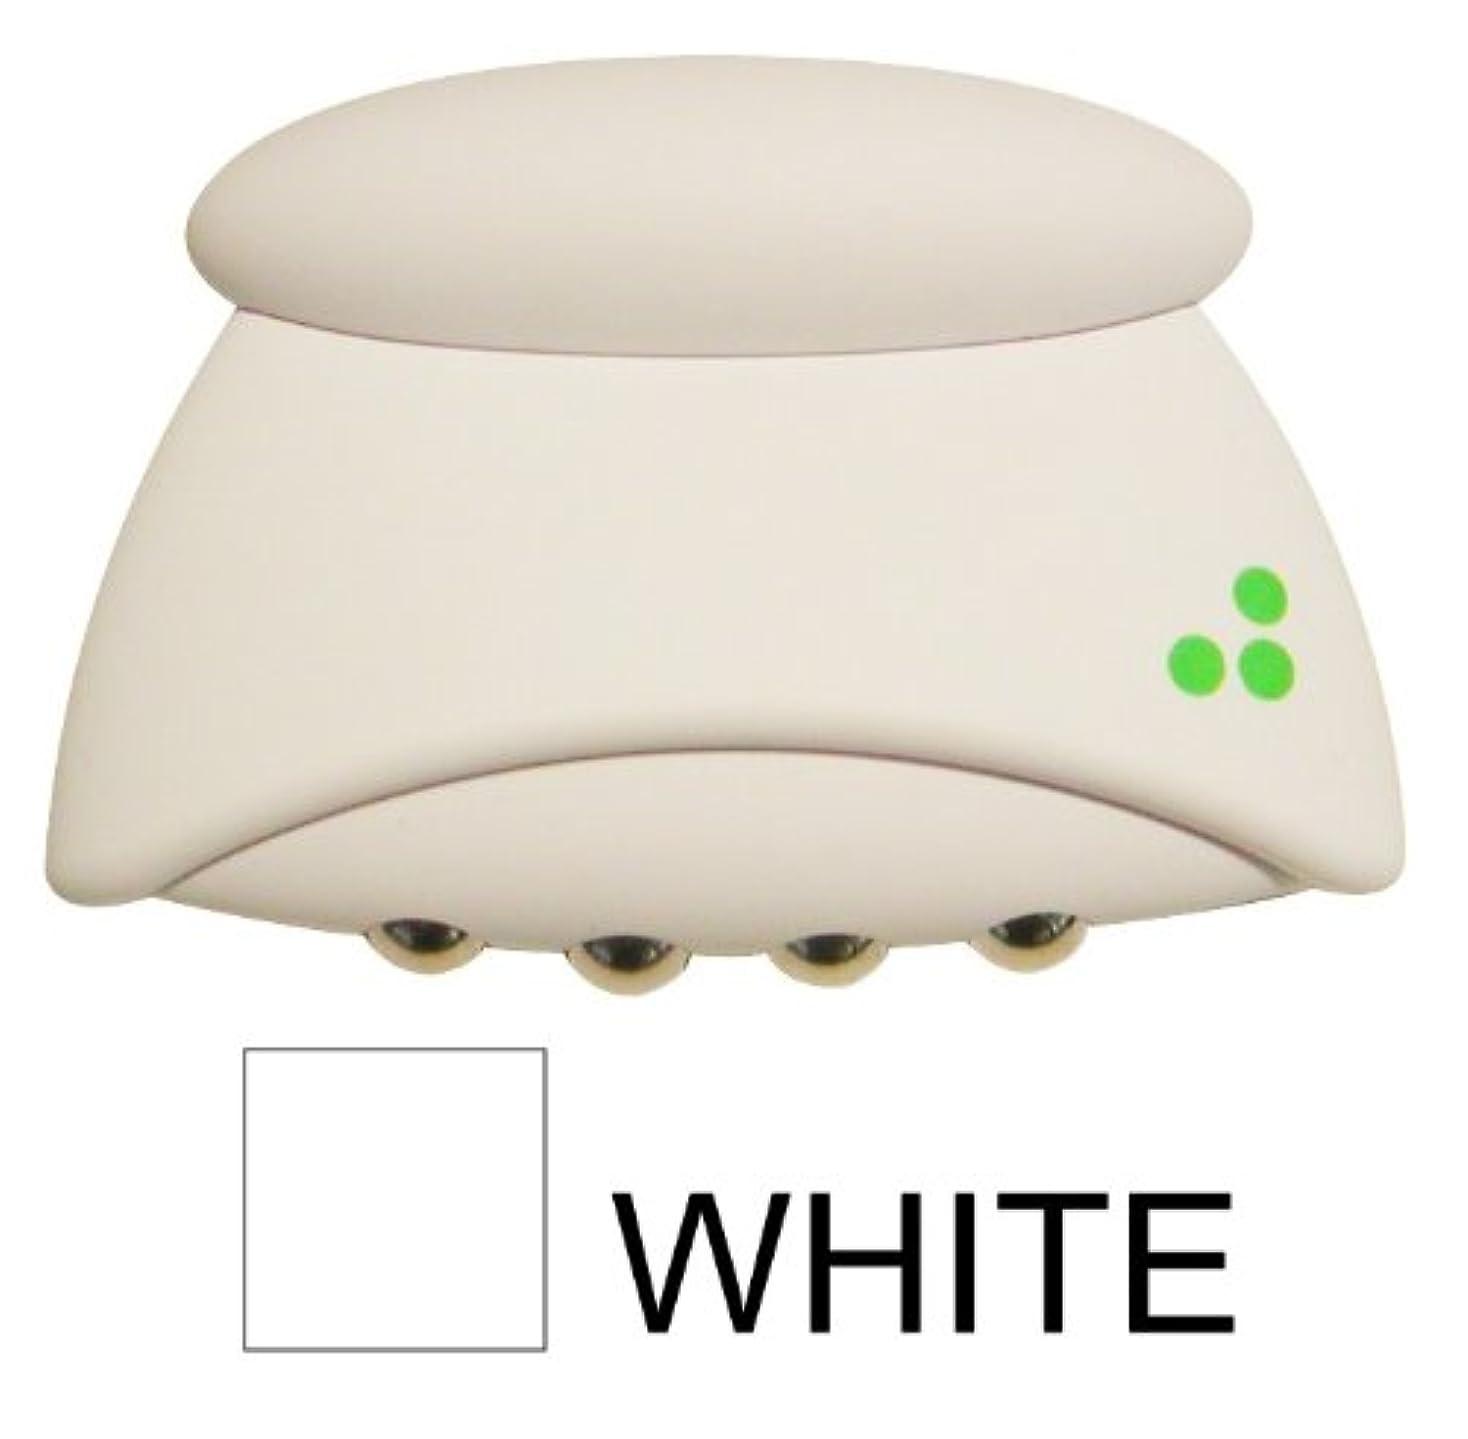 状況裕福な不適当シェルブル(shell-bulu)CLV-165(WH)ホワイト